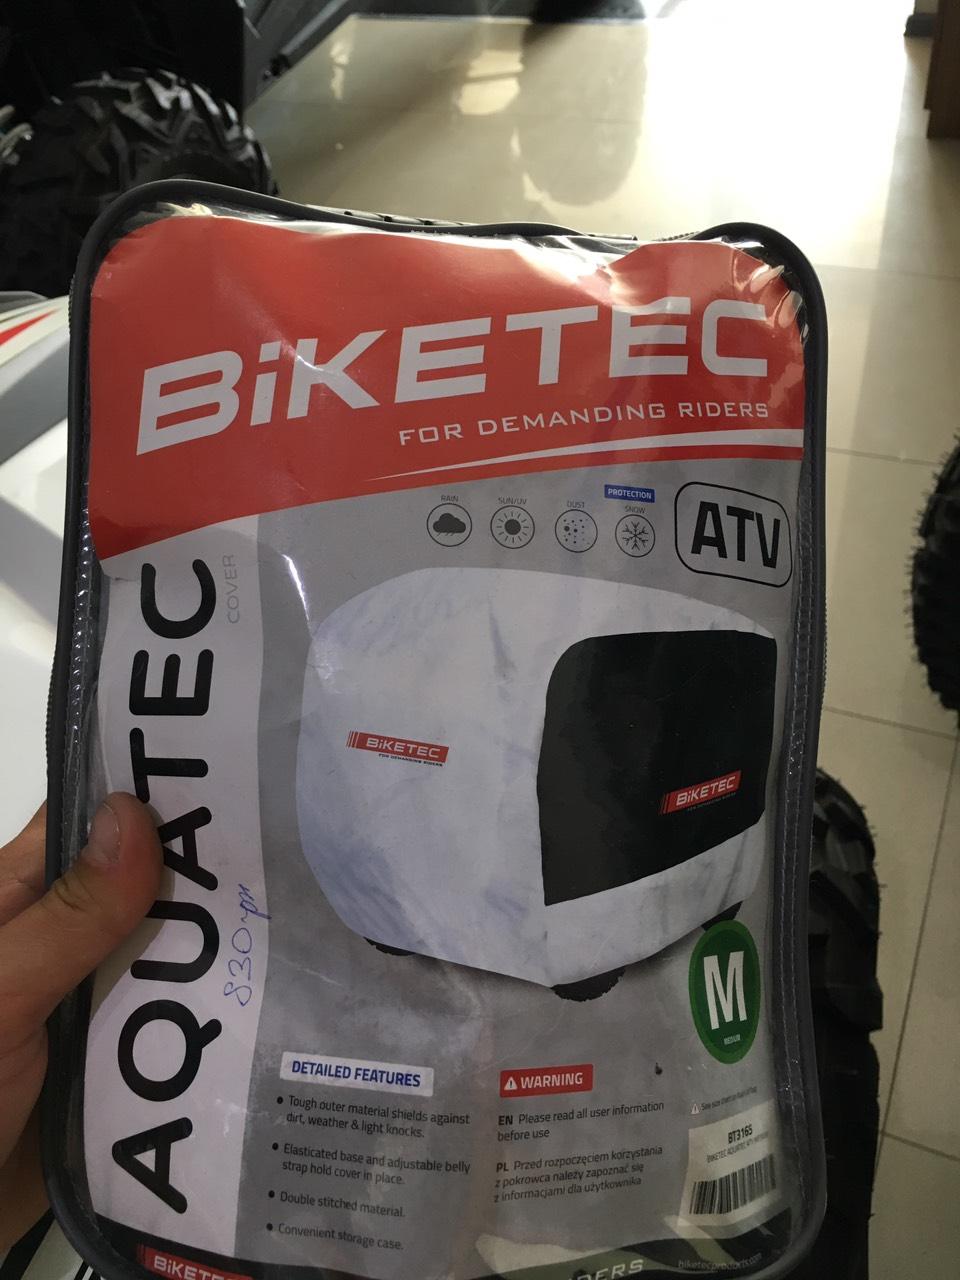 Чехол для квадроцикла камуфляж ― Артмото - купить квадроцикл в украине и харькове, мотоцикл, снегоход, скутер, мопед, электромобиль